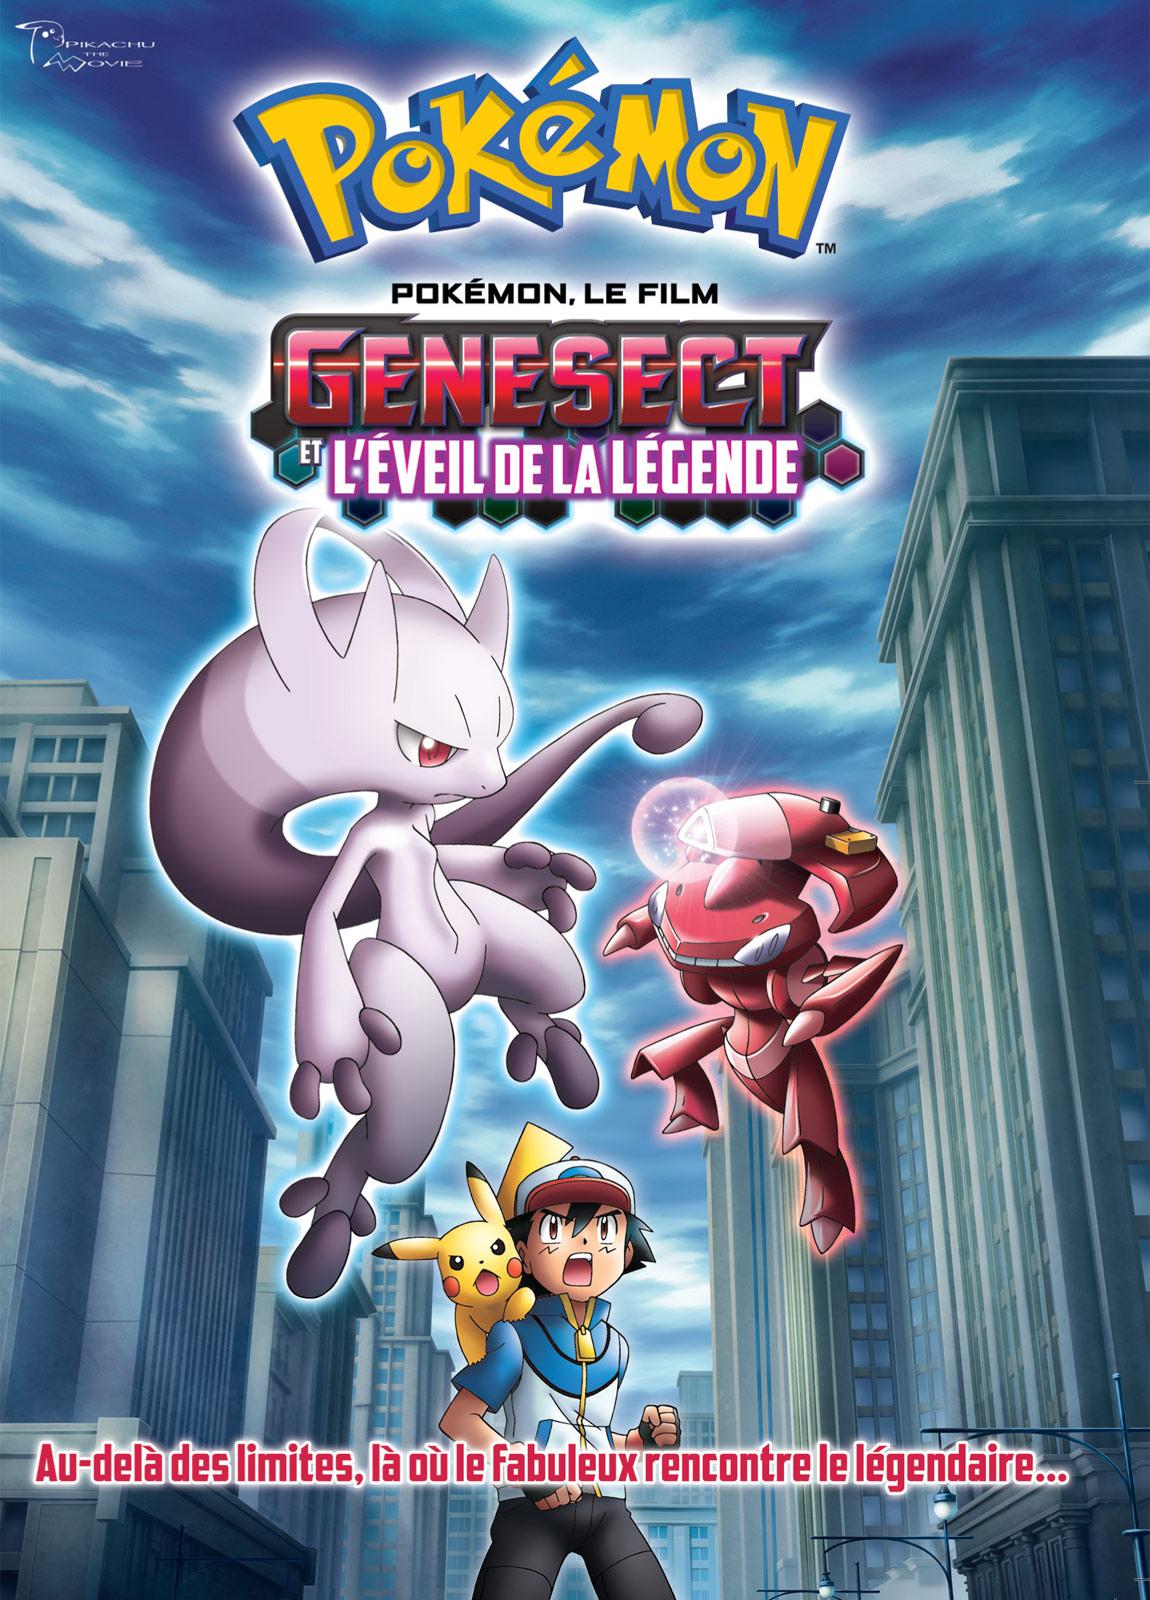 Pokémon, le film : Genesect et l'éveil de la légende Visionnable Gratuitement en Streaming (Dématérialisé)'